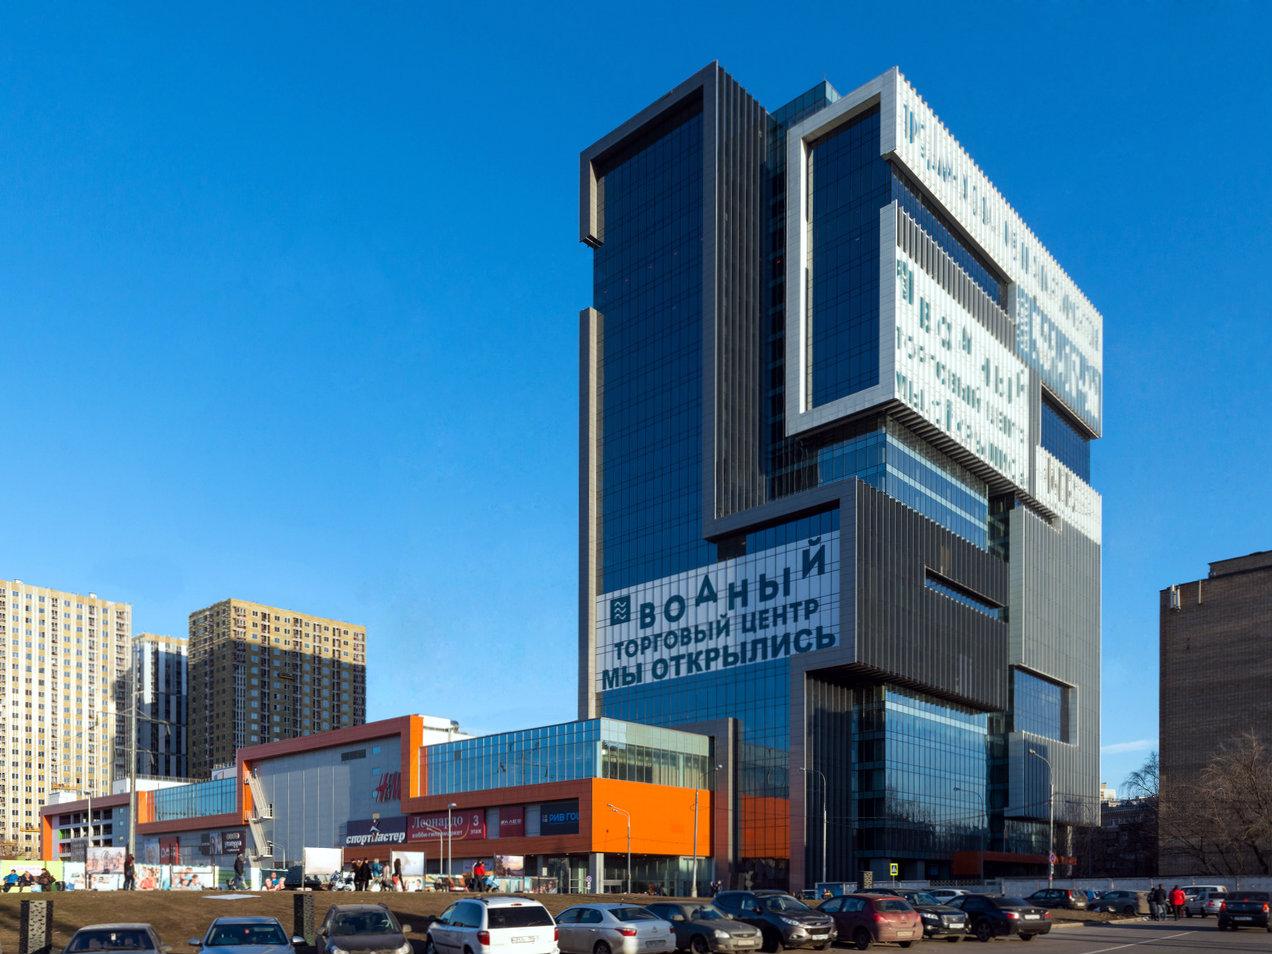 Водный ТЦ официальный лауреат премии 100 лучших торговых центров России 2016 0c3c720ae5c